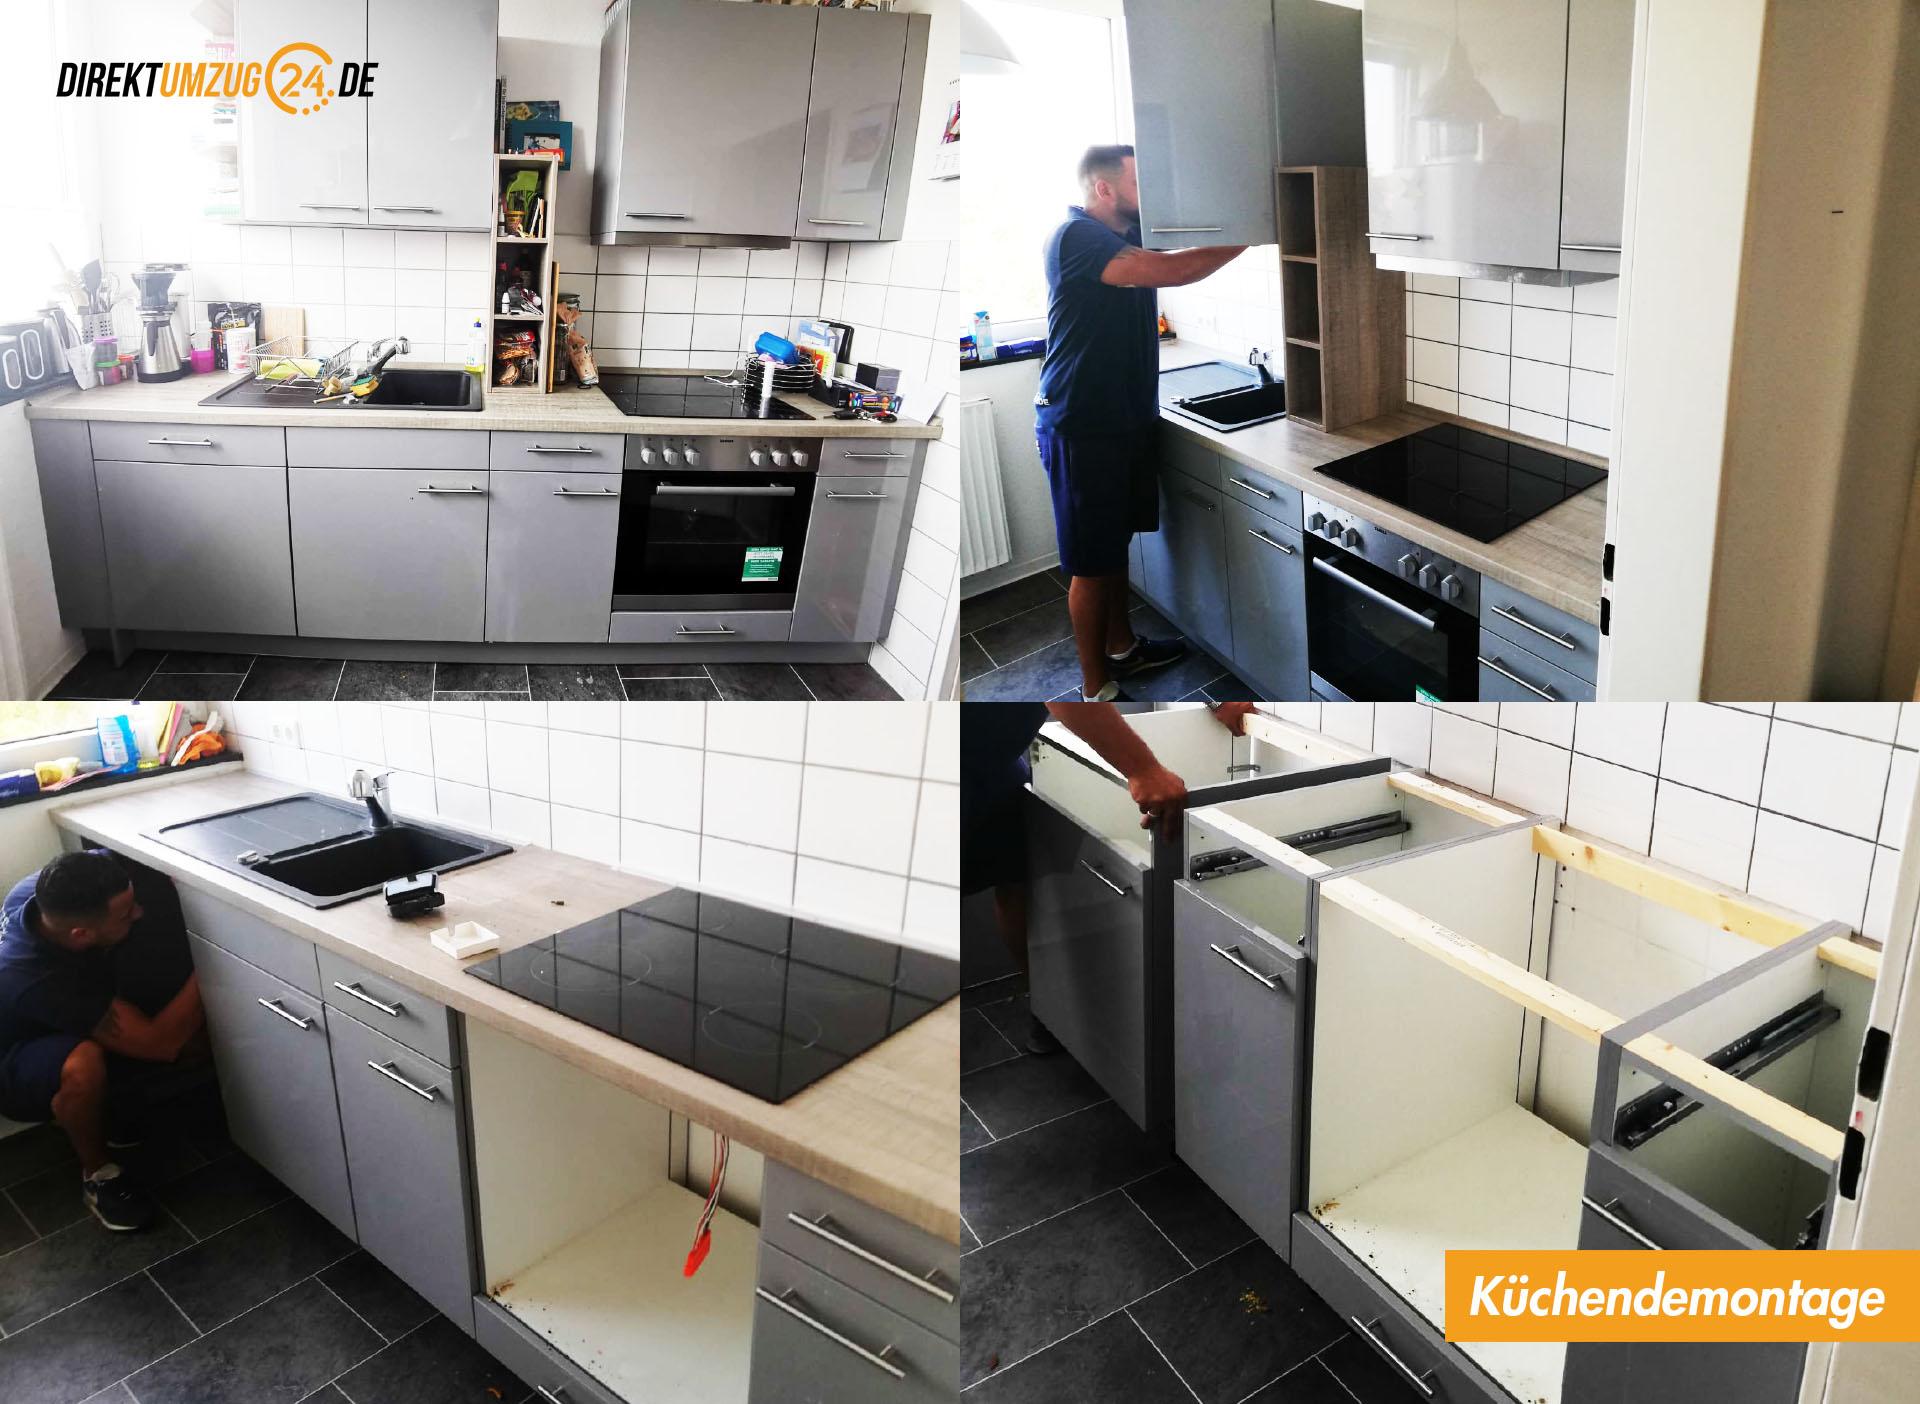 Küchendemontage Hannover